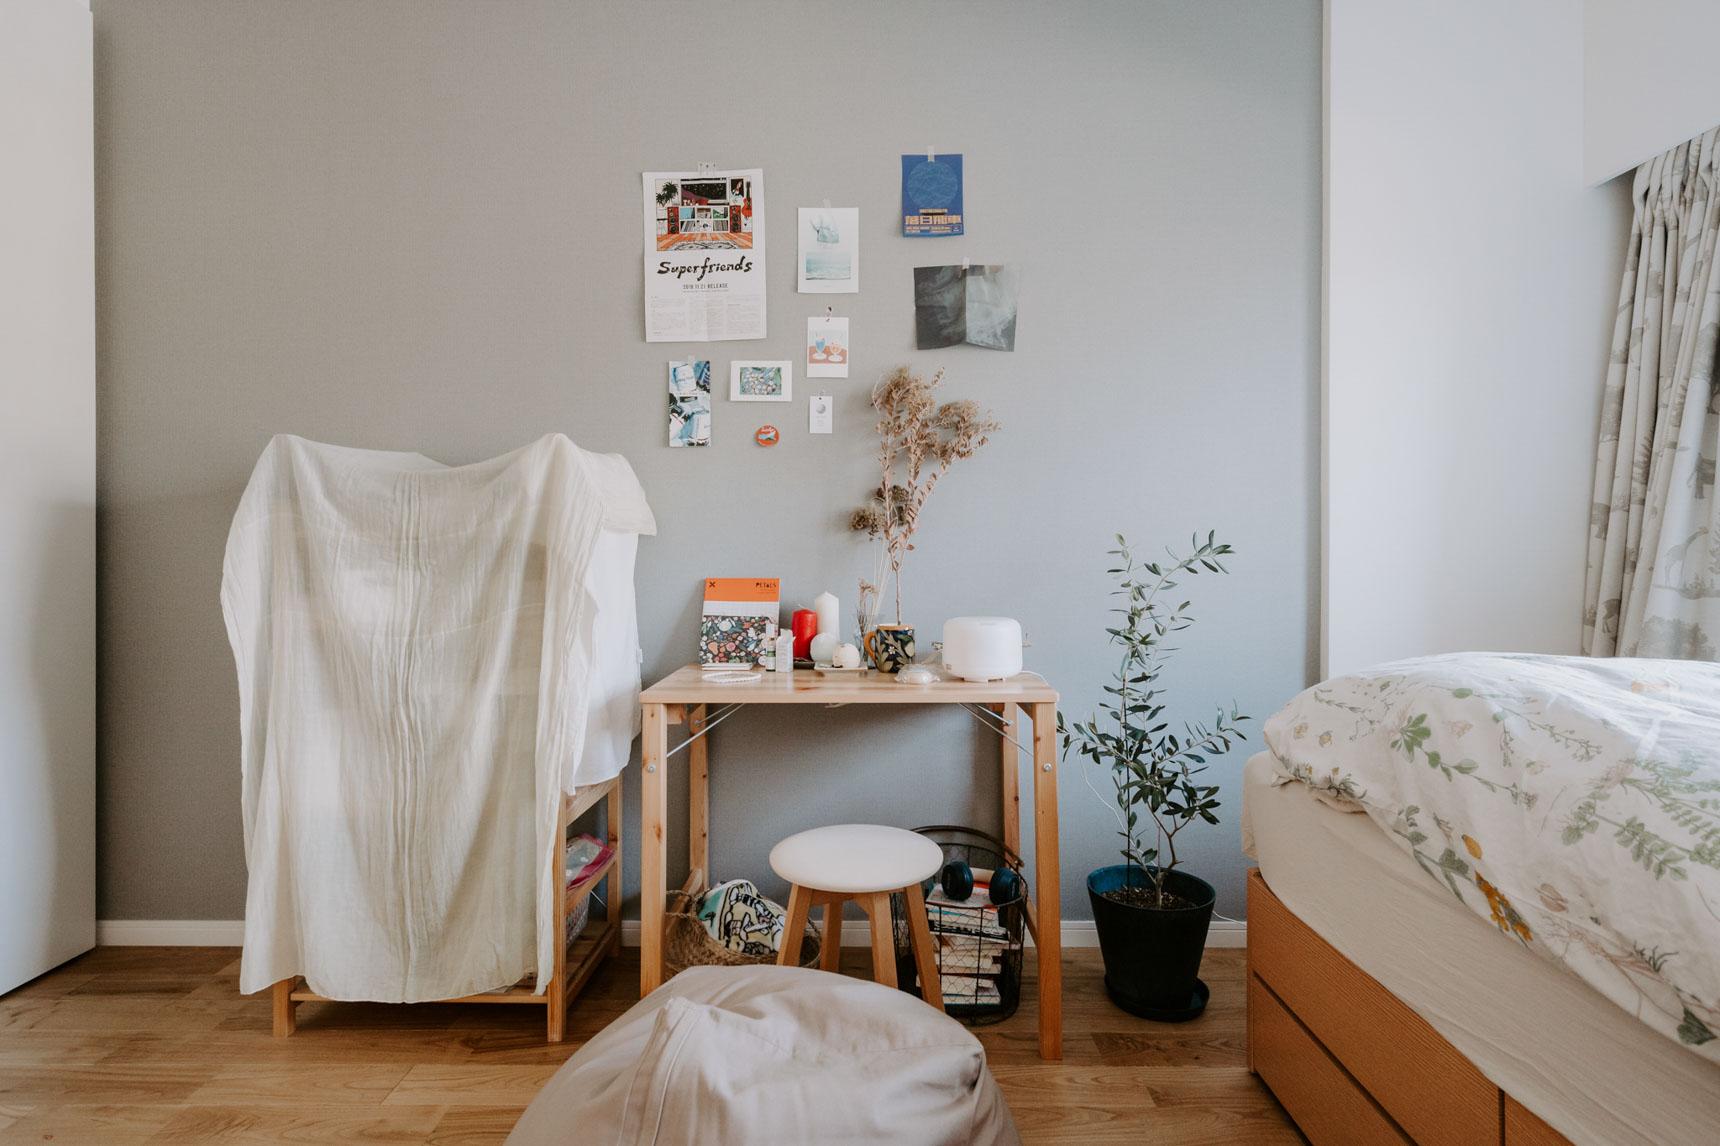 デスクと棚は、無印良品のパイン材の家具。細々としたものがしまってある棚は、布で簡単に目隠ししています。